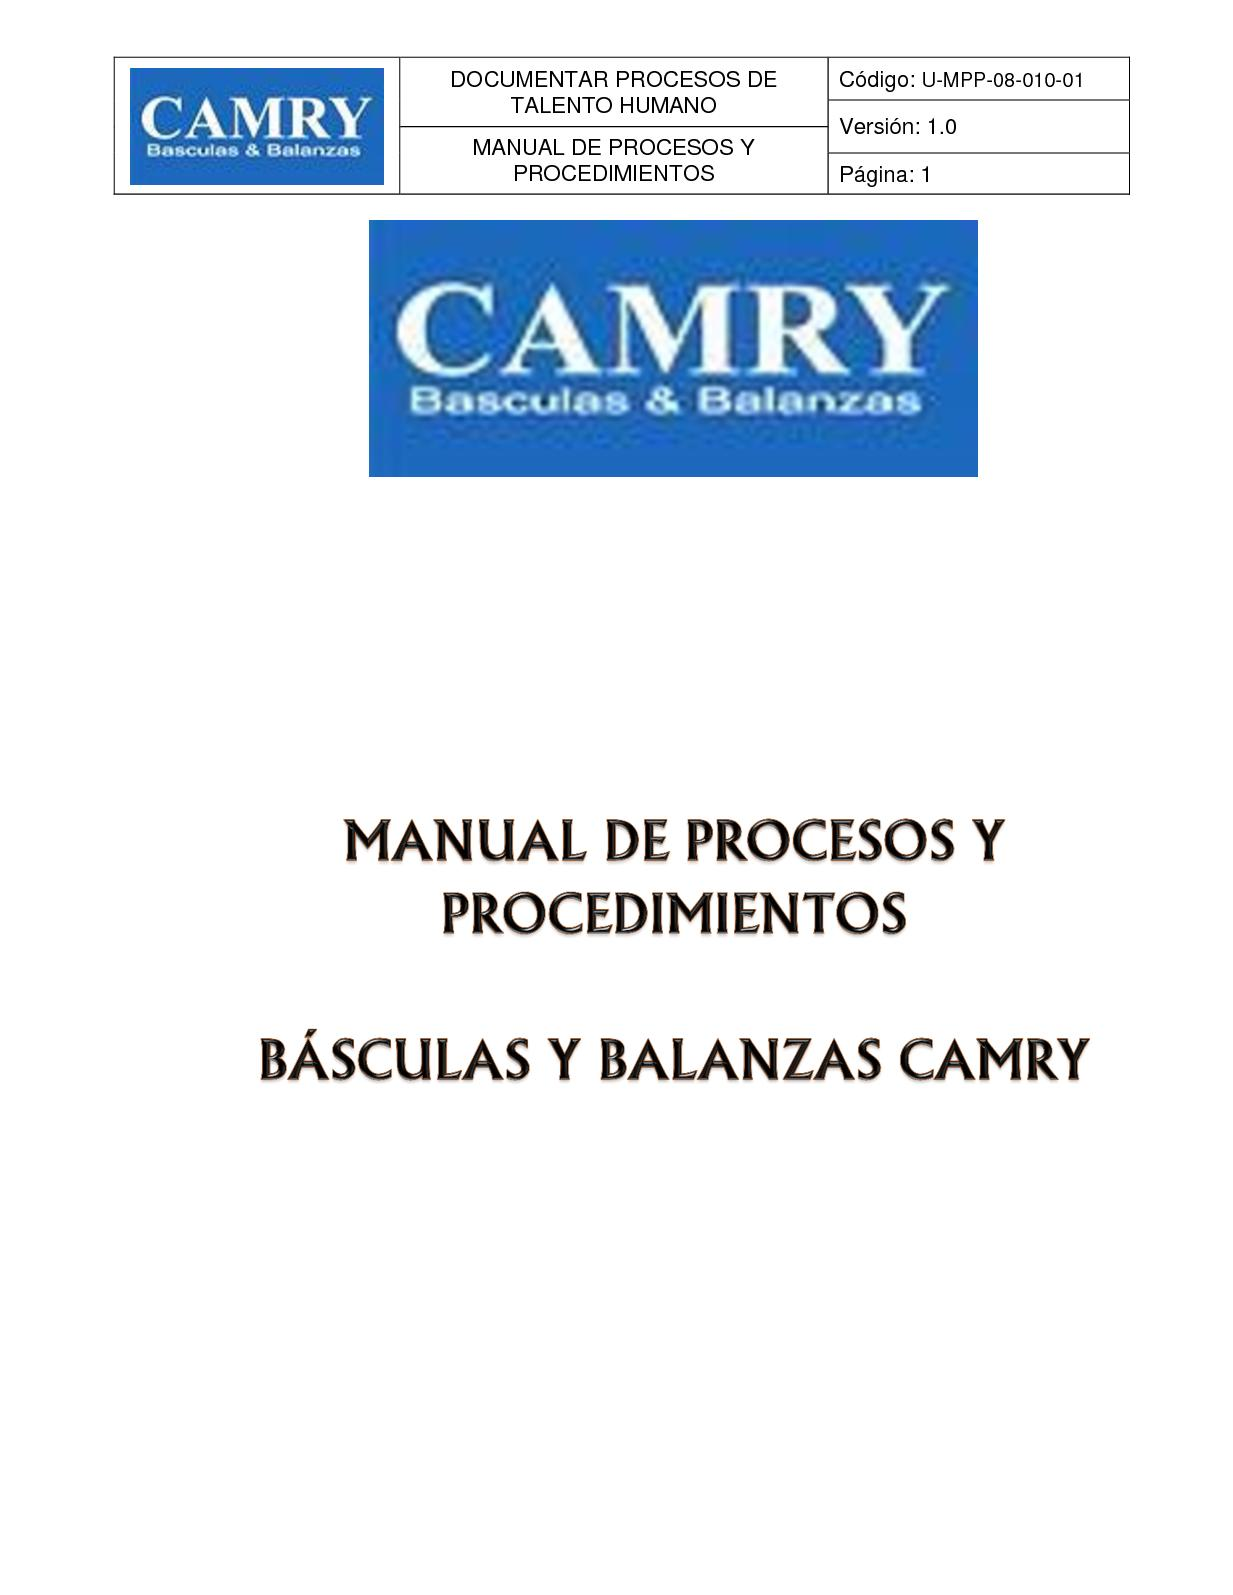 Calaméo - Entregable Manual De Procesos Y Procedimientos